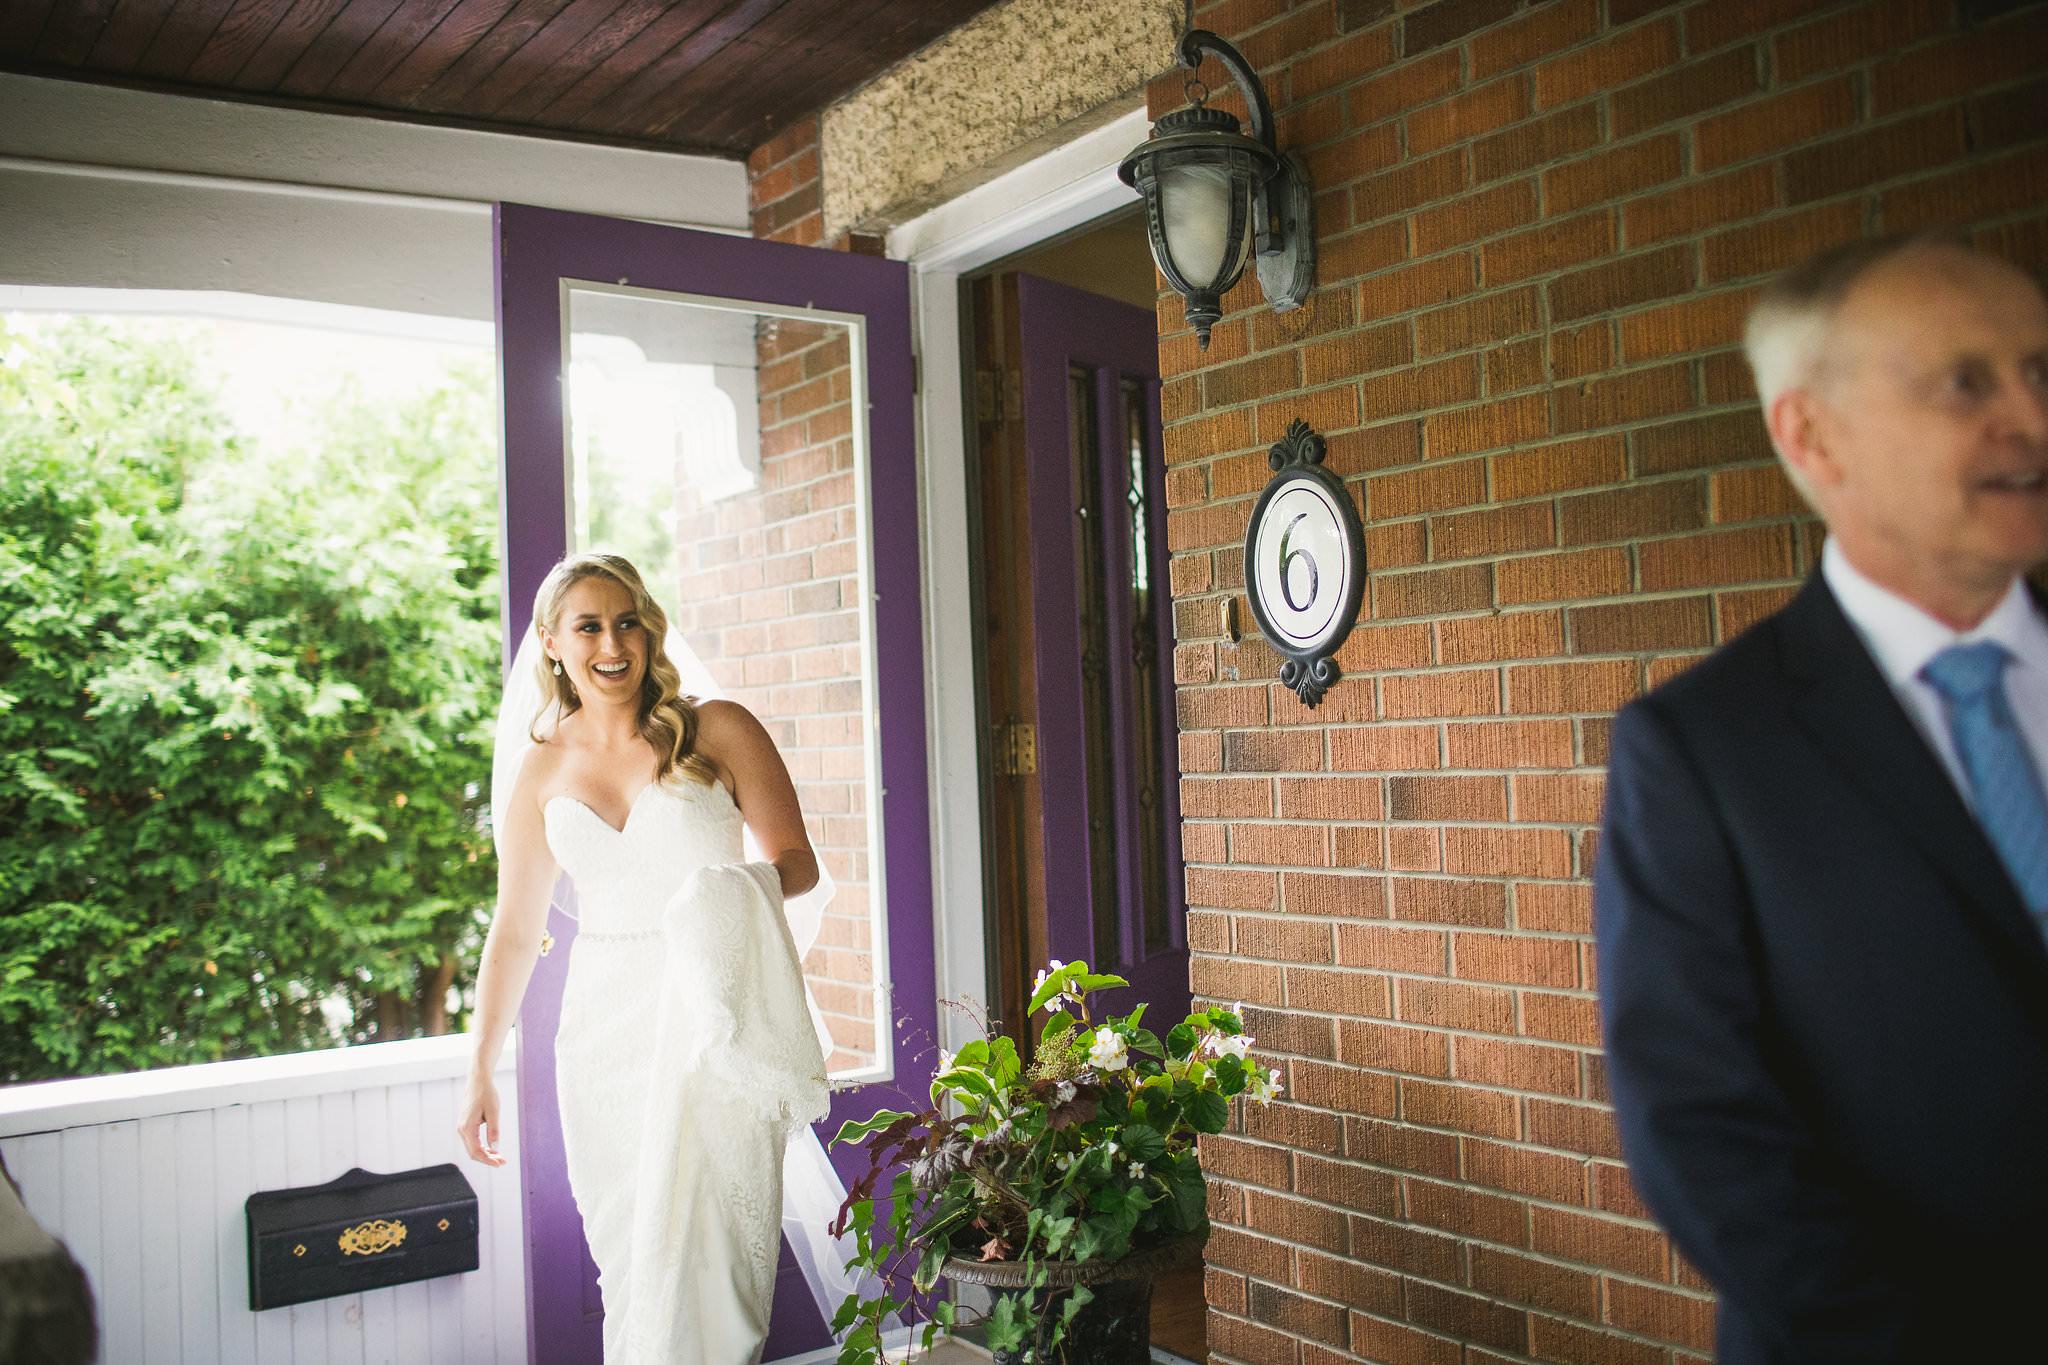 whistlebearweddingphotos 103 - Whistle Bear Wedding Photos